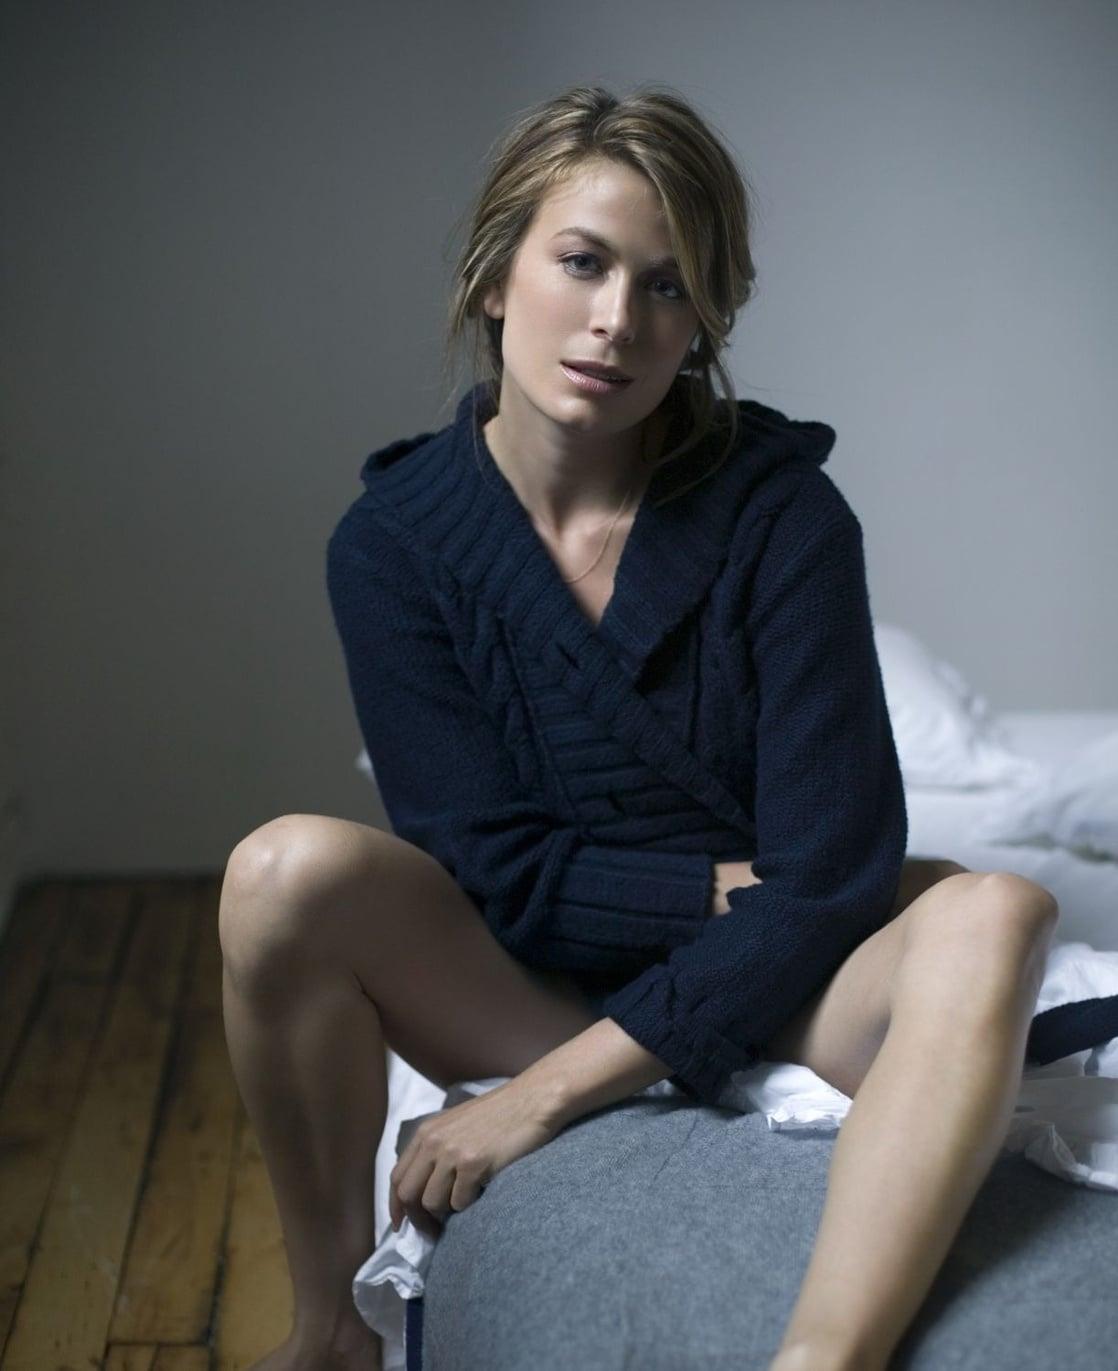 Sonya Walger Nude Photos 48